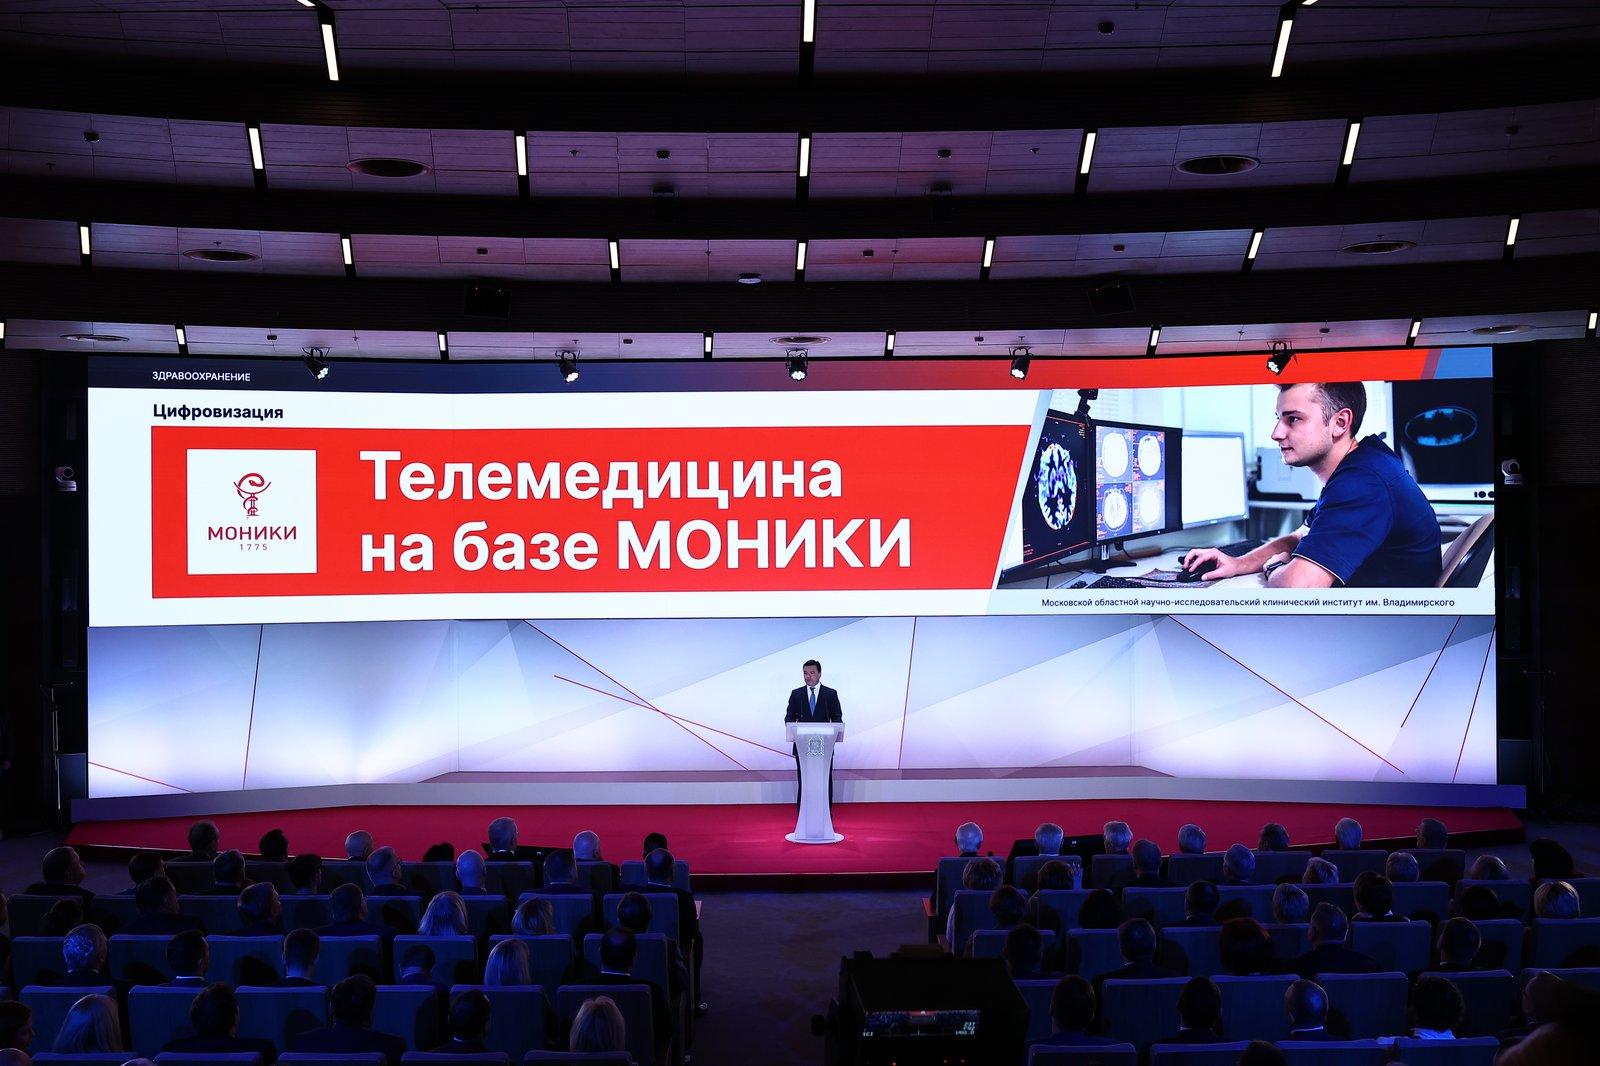 Андрей Воробьев губернатор московской области - Здравоохранение. Вакцинация от коронавируса и еще пять приоритетных направлений